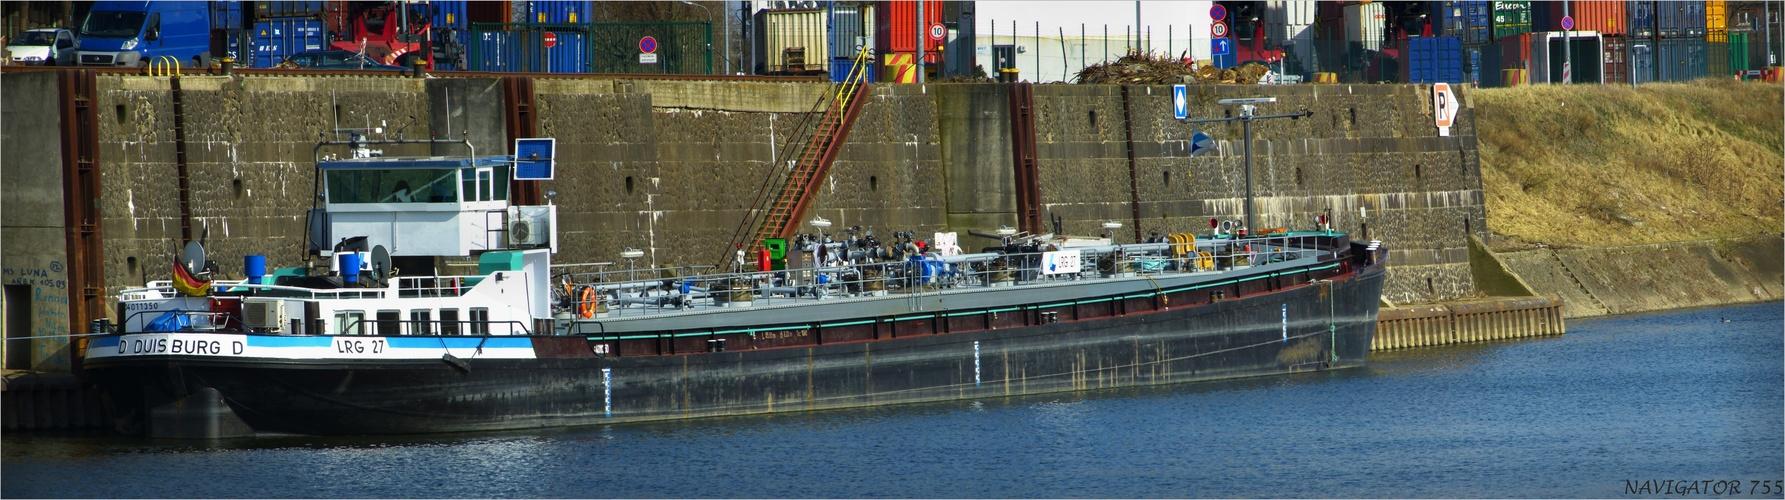 LRG 27 / Tanker / Rheinhafen / Krefeld- Uerdingen